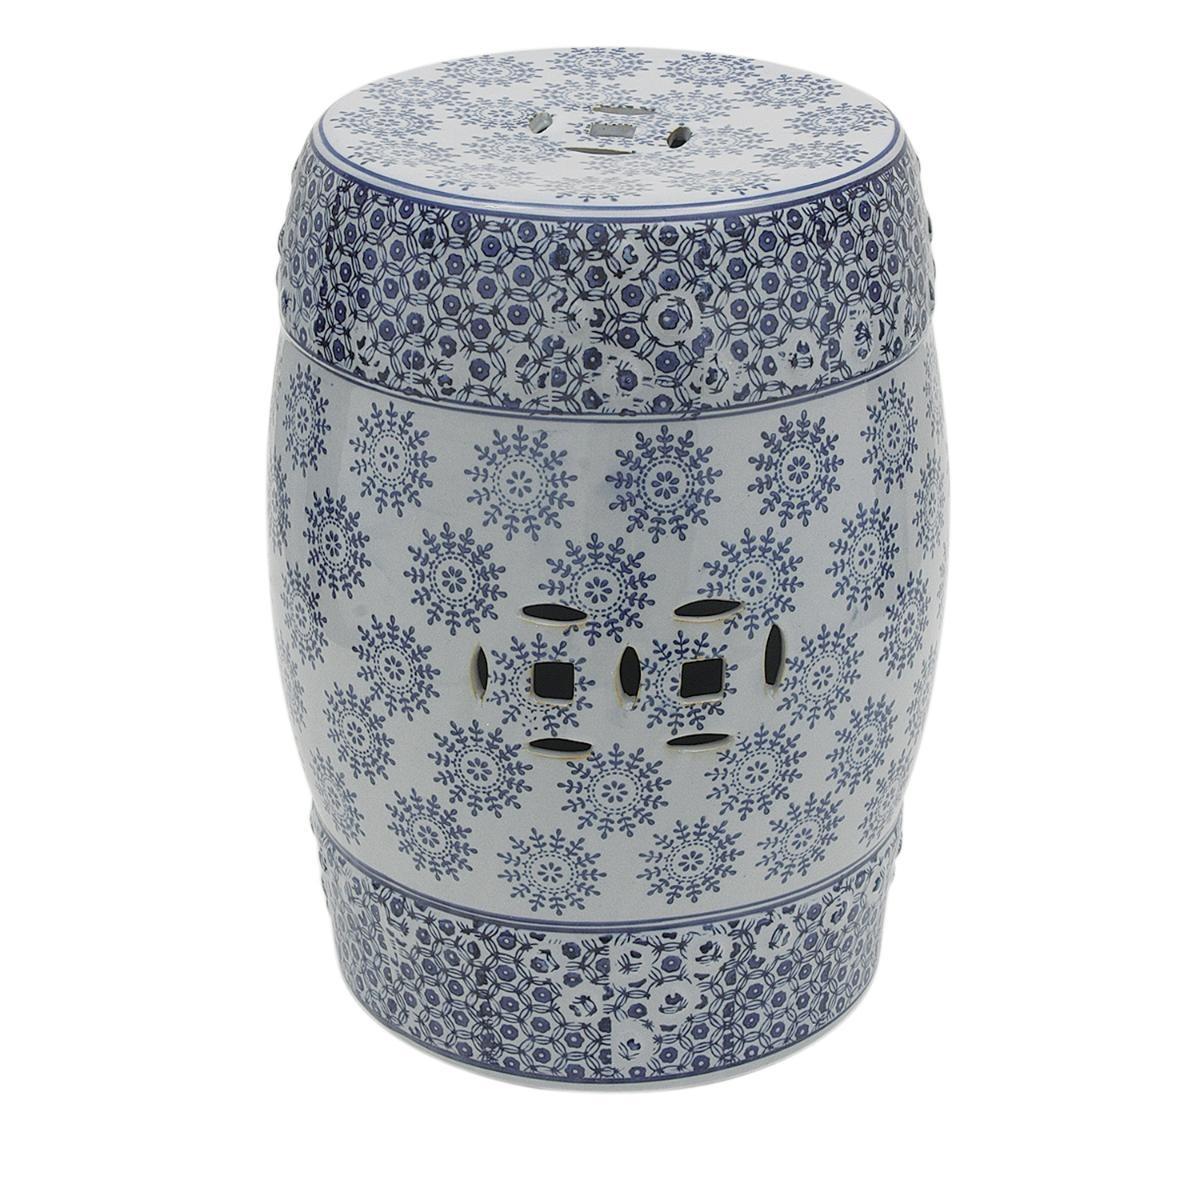 Banqueta Sit Garden De Ceramica Branco Com Azul   R$ 547,99 Em Mercado Livre